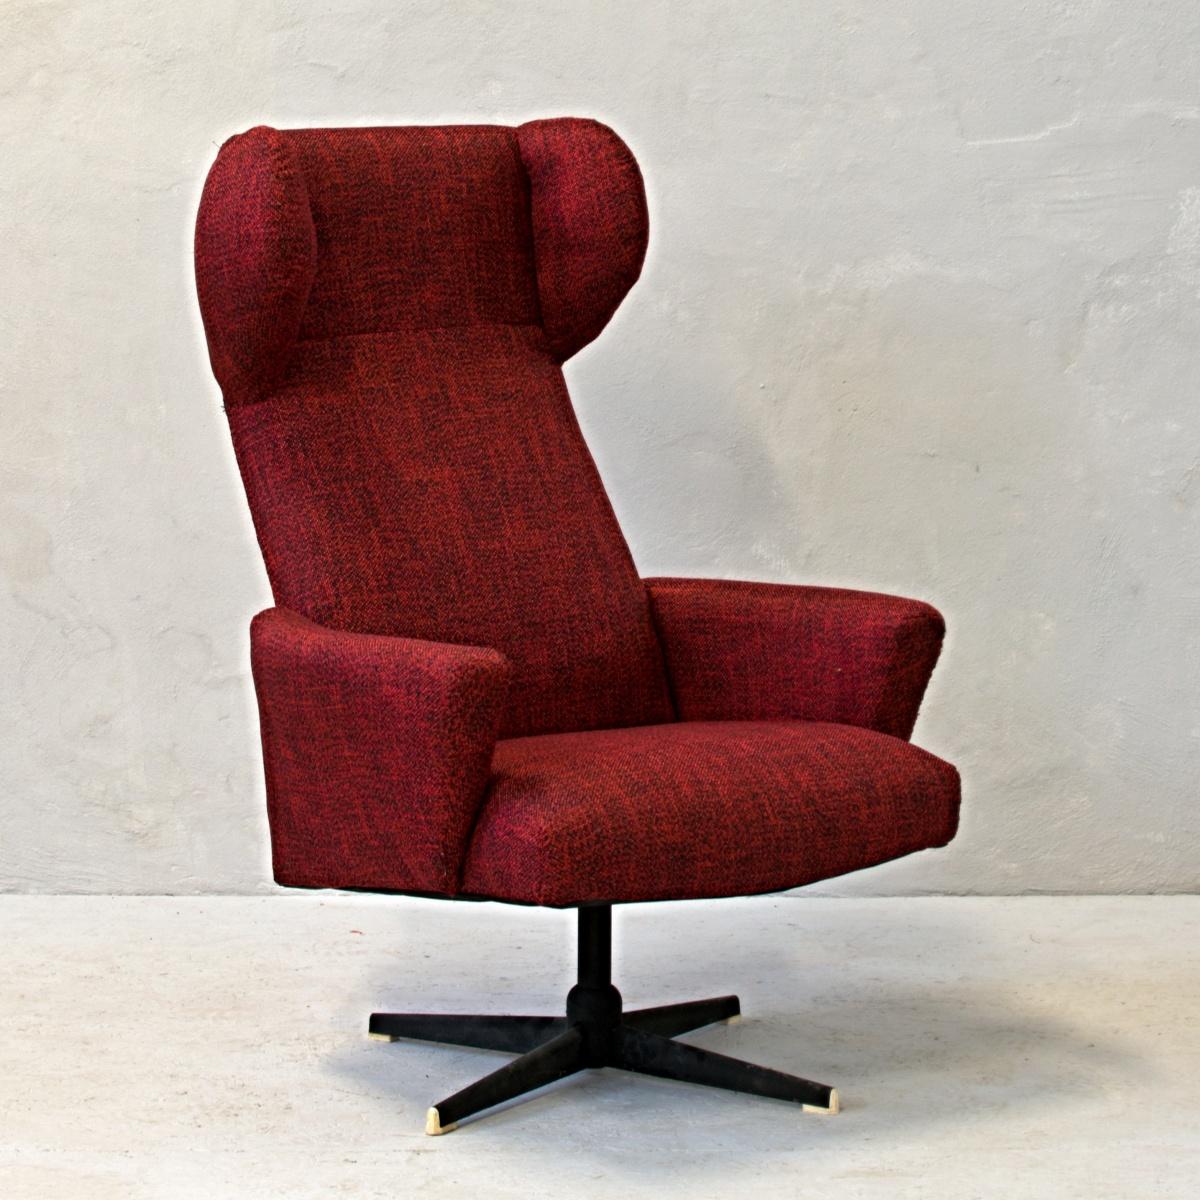 pohodlné křeslo červené ušák retro